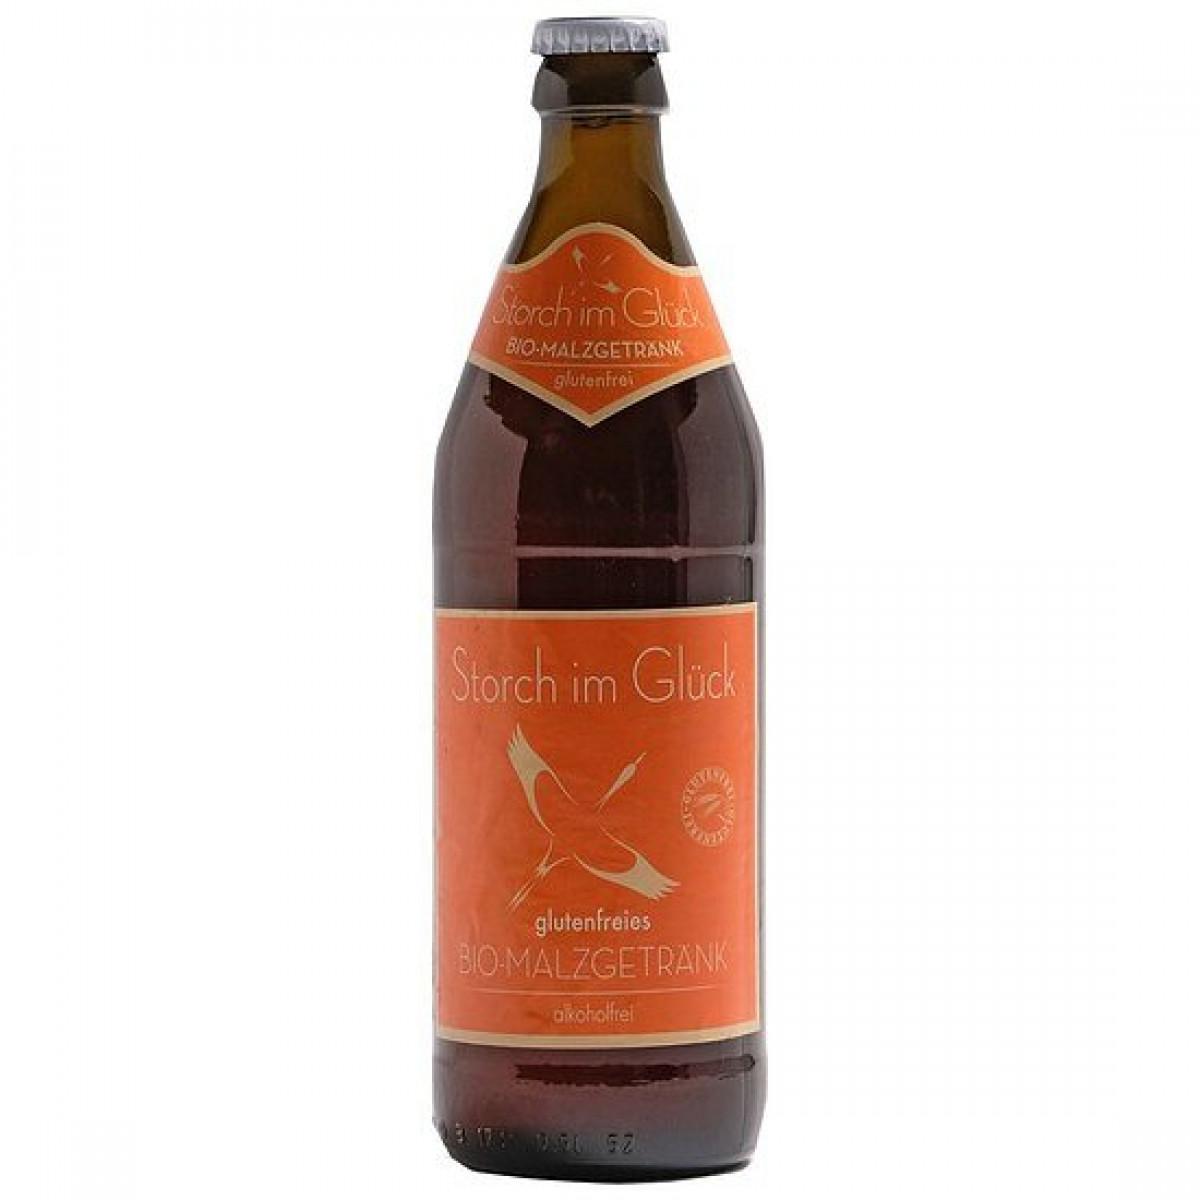 Storch im Glück Bio Malzgetränk Alcoholvrij (0.5 Liter)